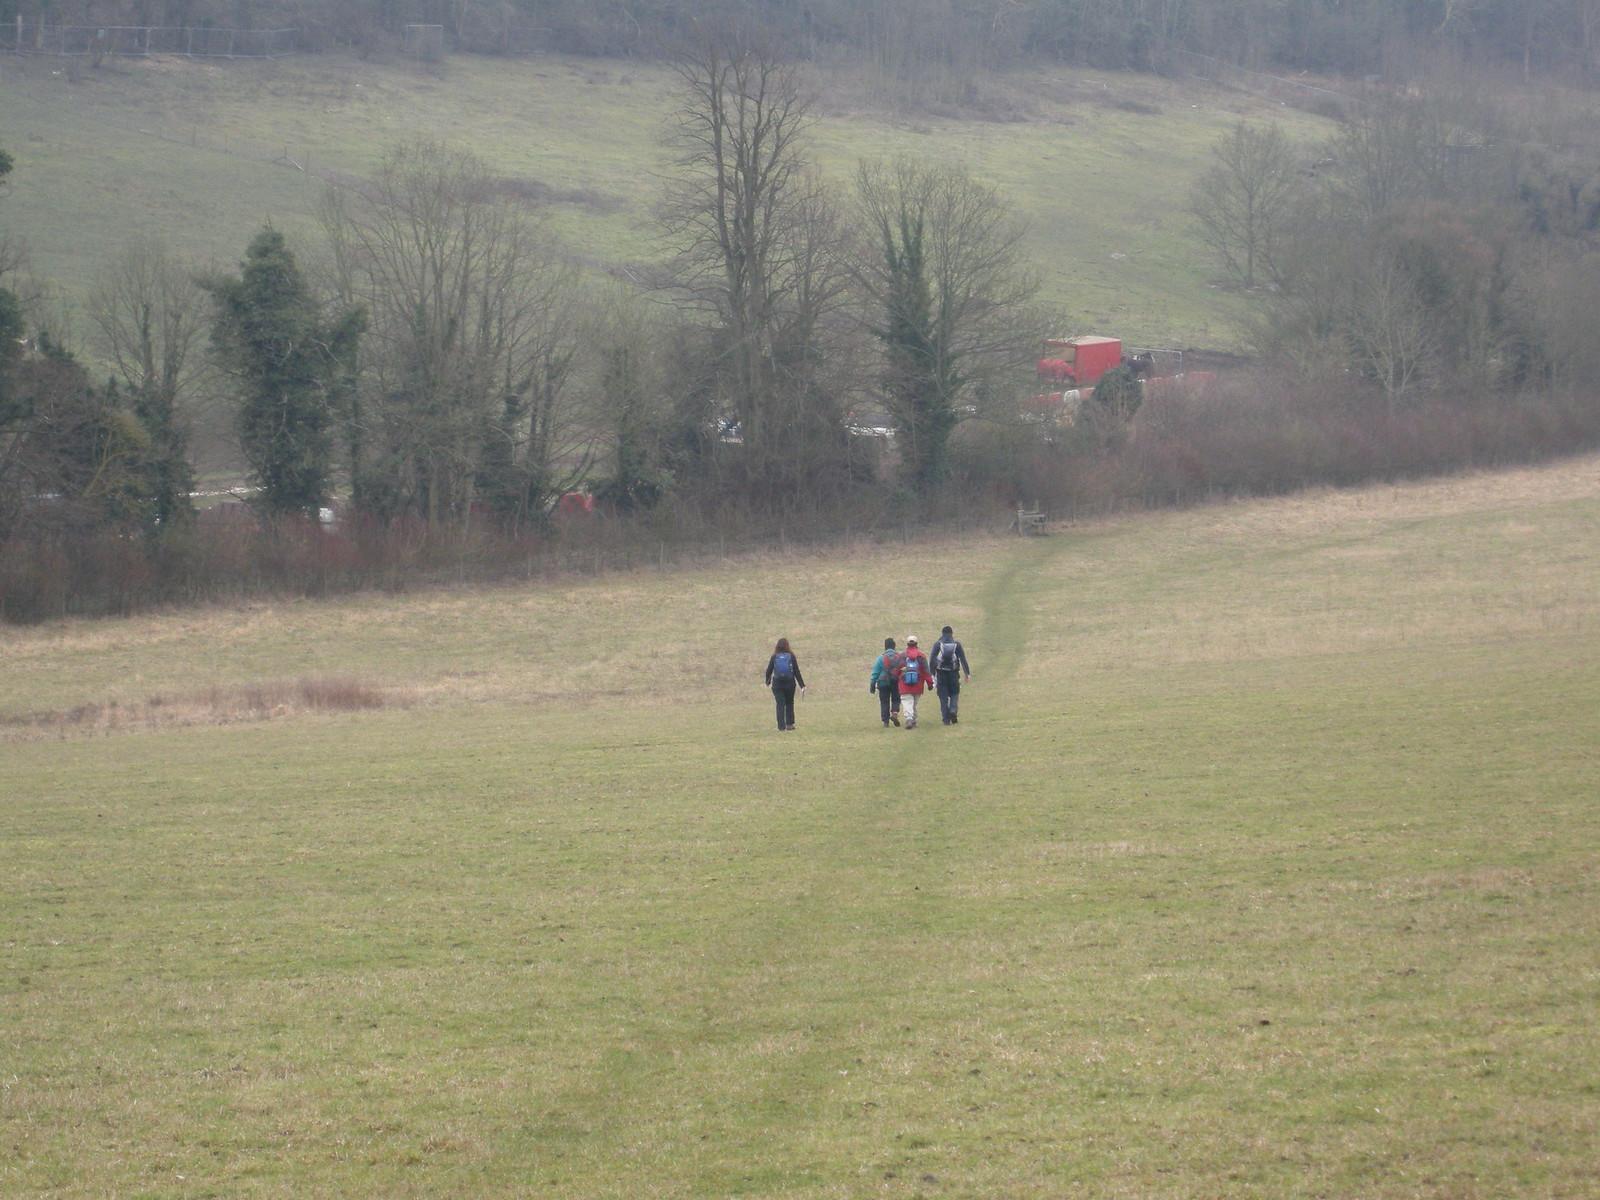 wanderers on fields